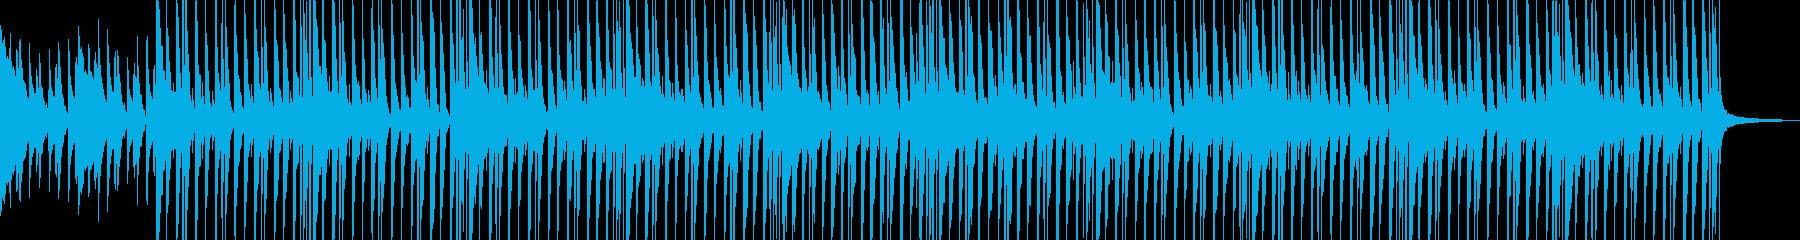 映像に、可愛く元気なピアノとグロッケンの再生済みの波形